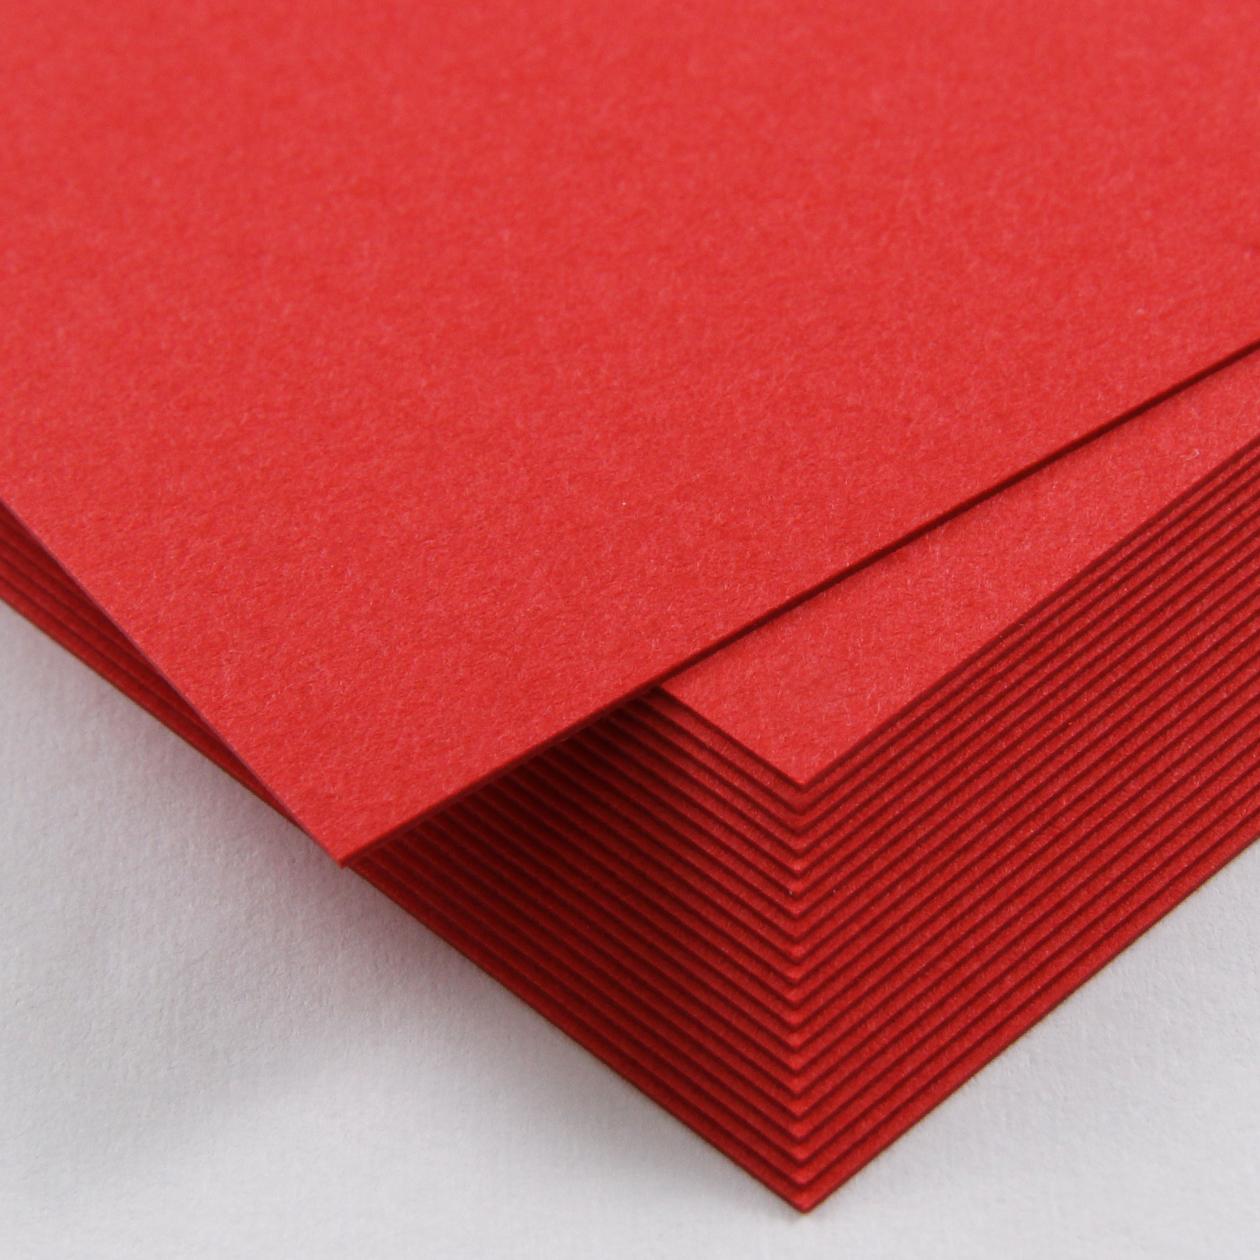 組箱 サイズA_04 ボード紙 レッド 250g